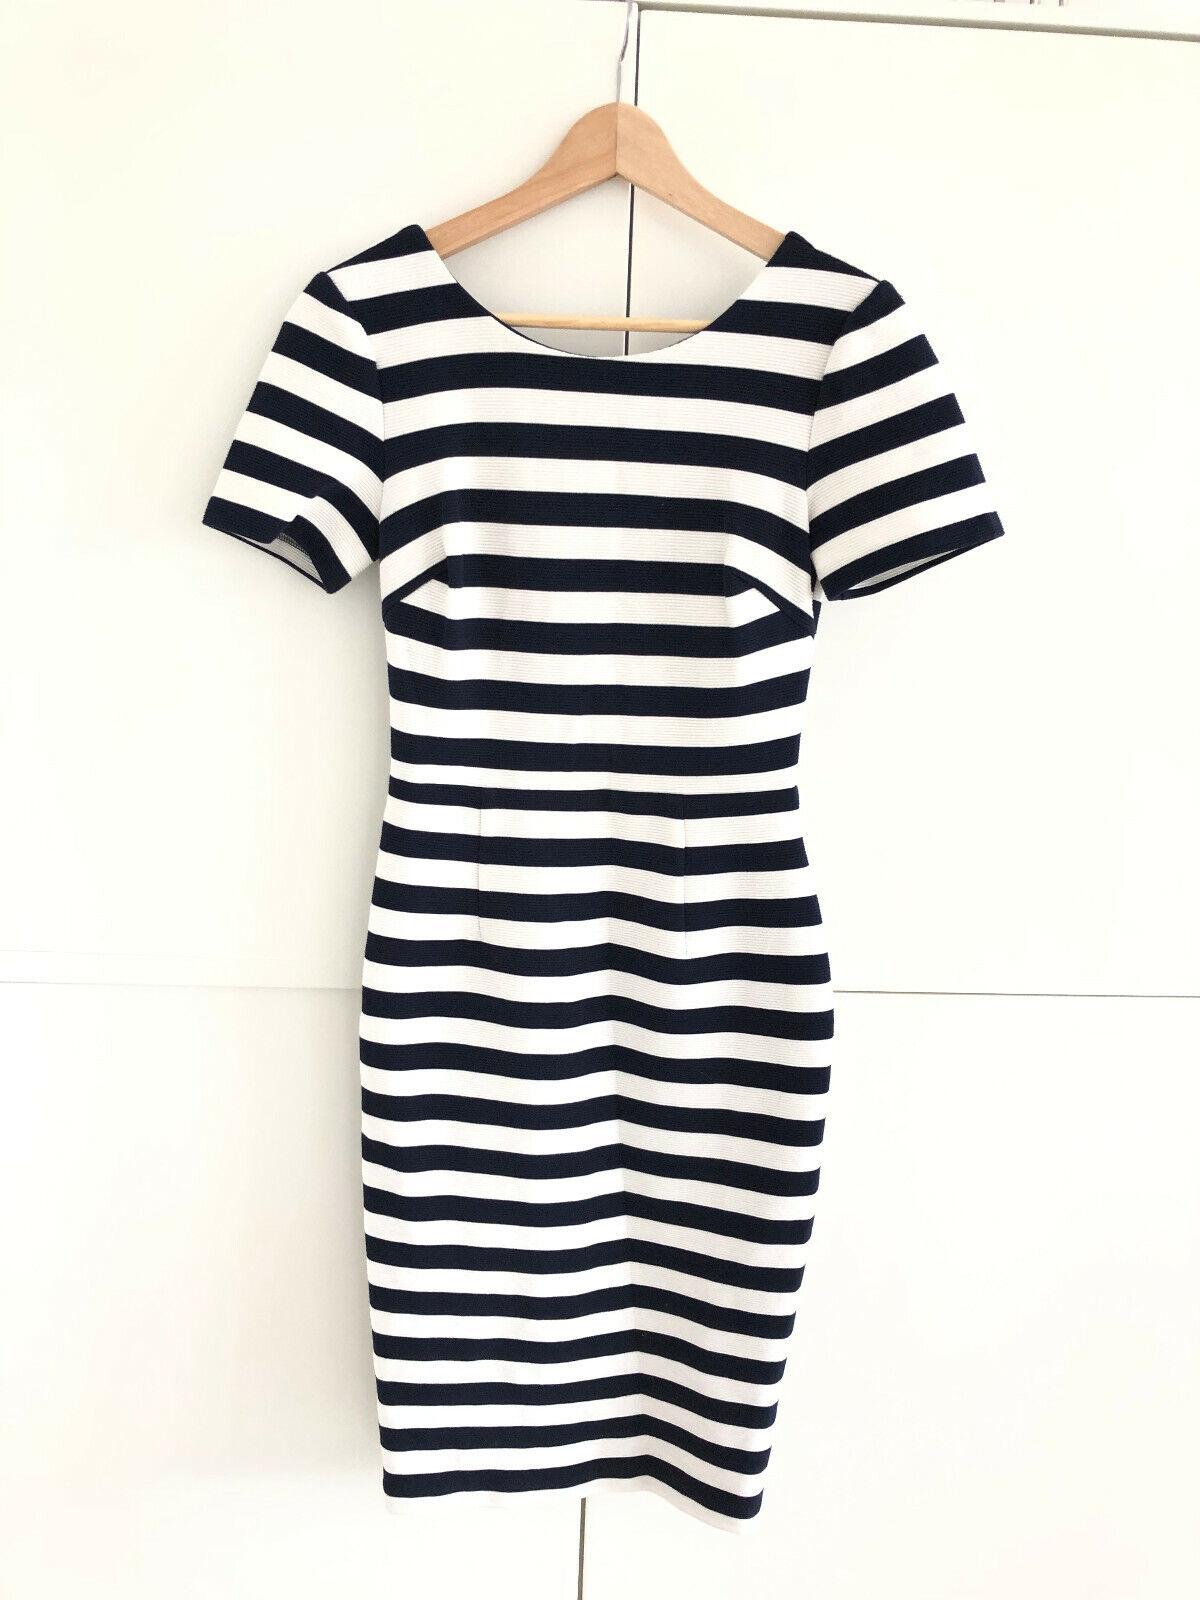 BODEN  Damen  Kleid Ponte Roma Jersey GR.UK 8R, Neu | Elegant und feierlich  | Bekannt für seine gute Qualität  | Kostengünstig